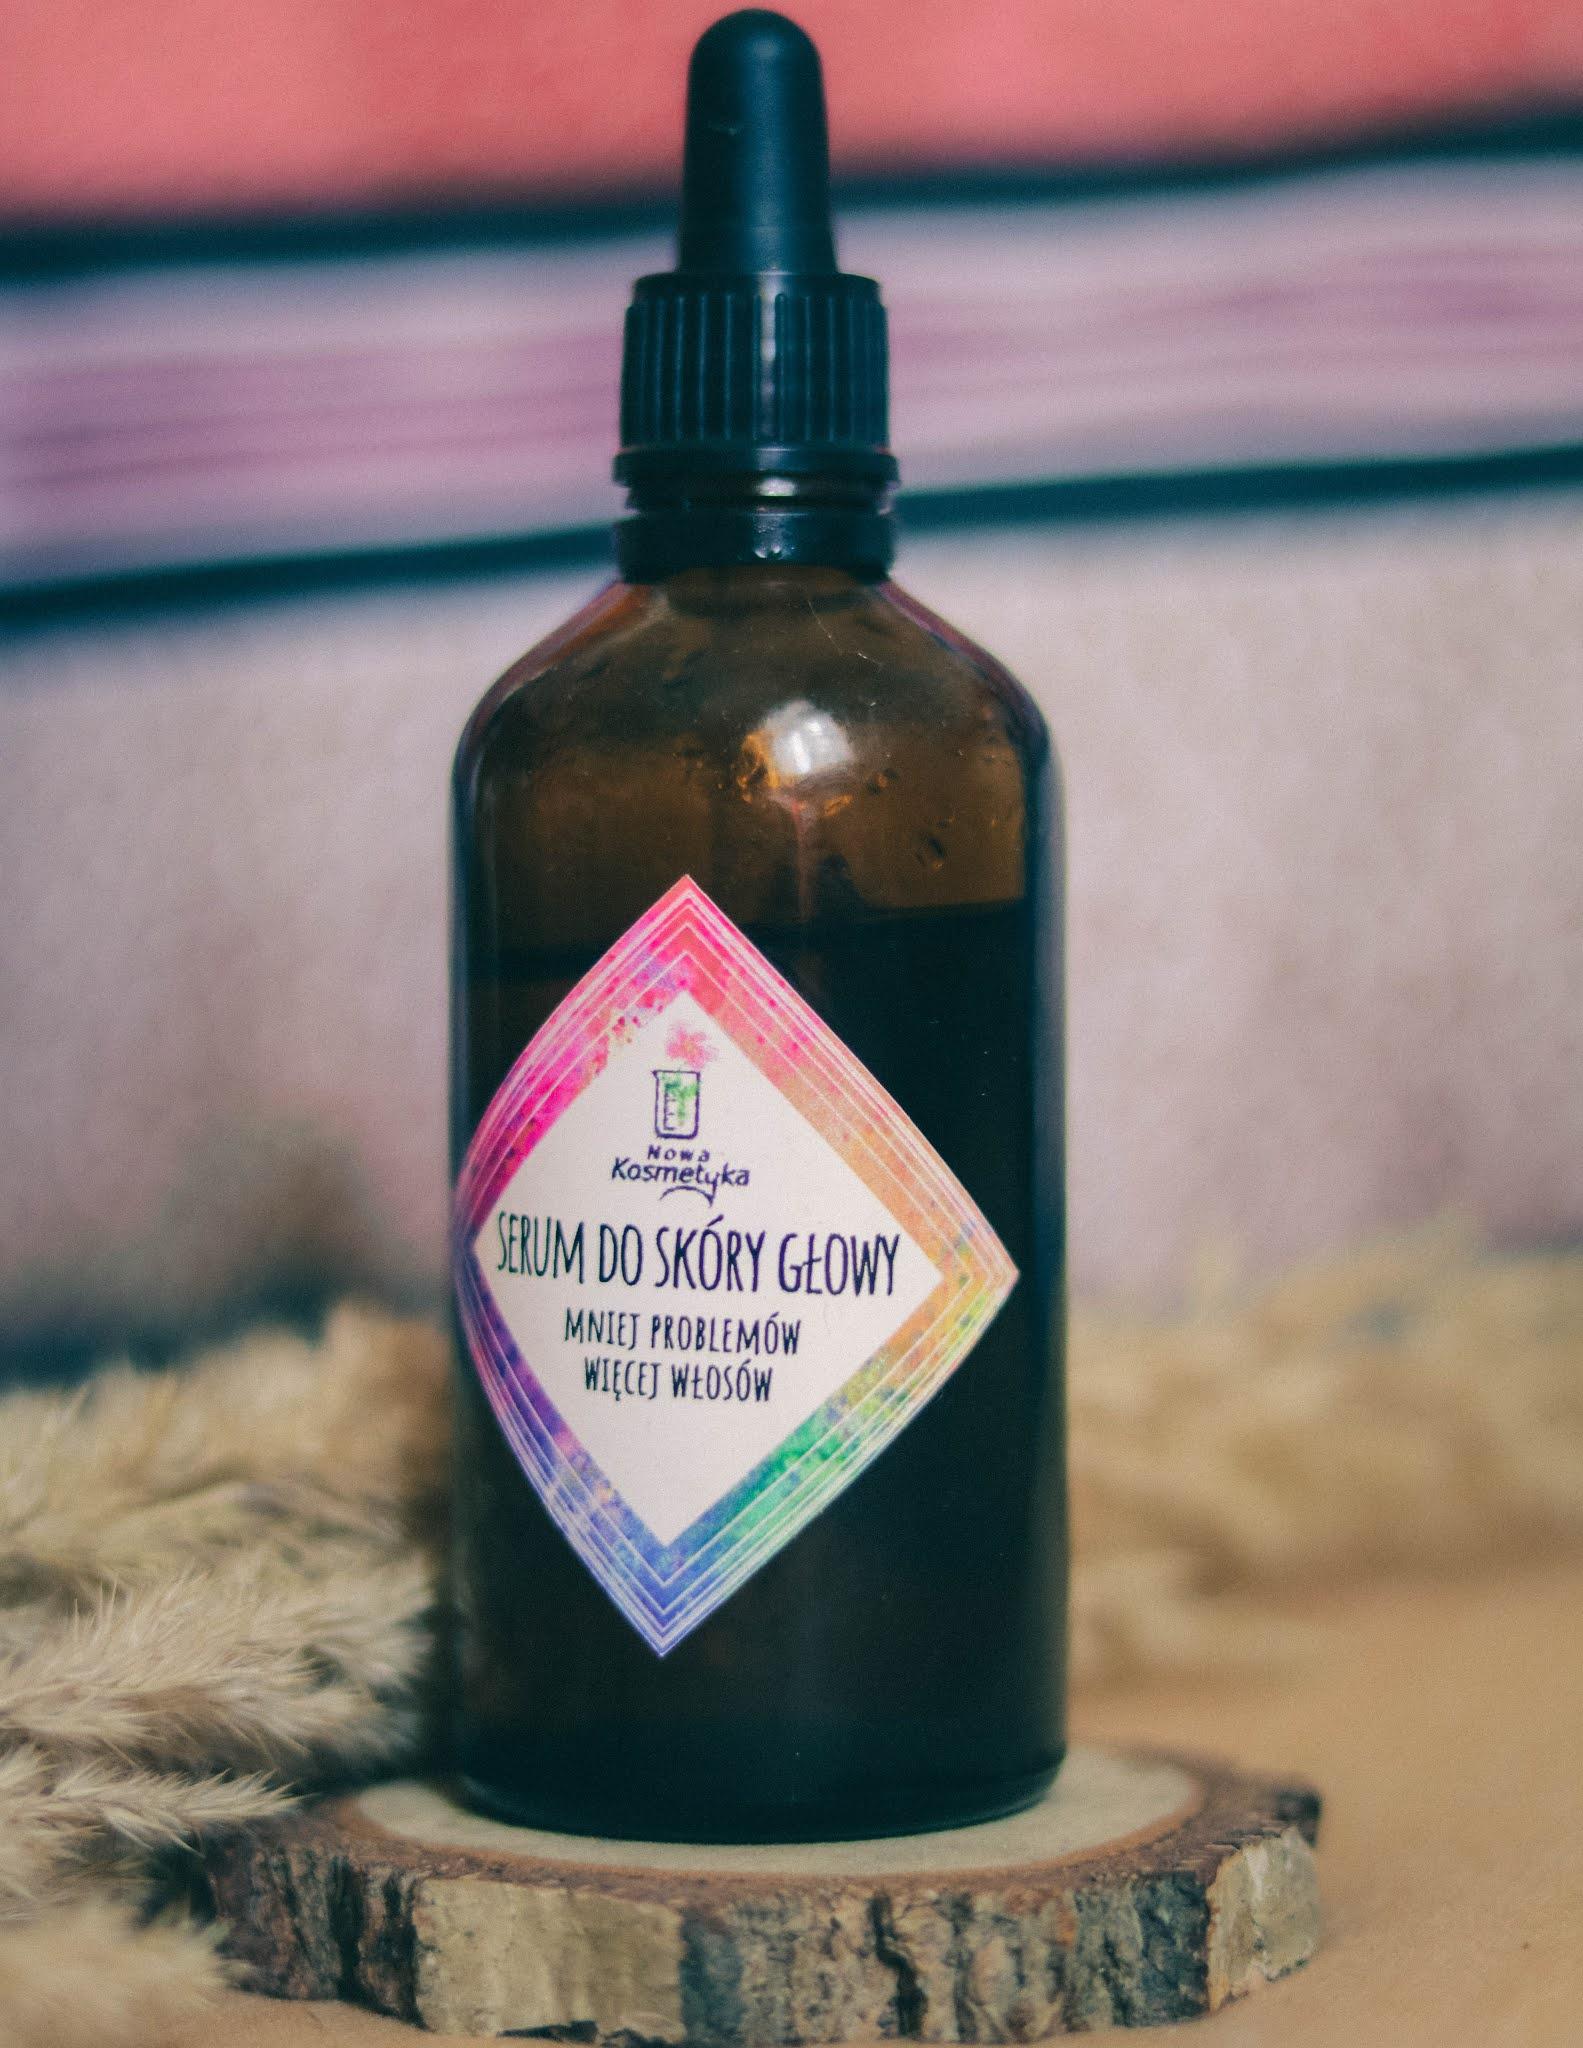 serum do skóry głowy nowa kosmetyka